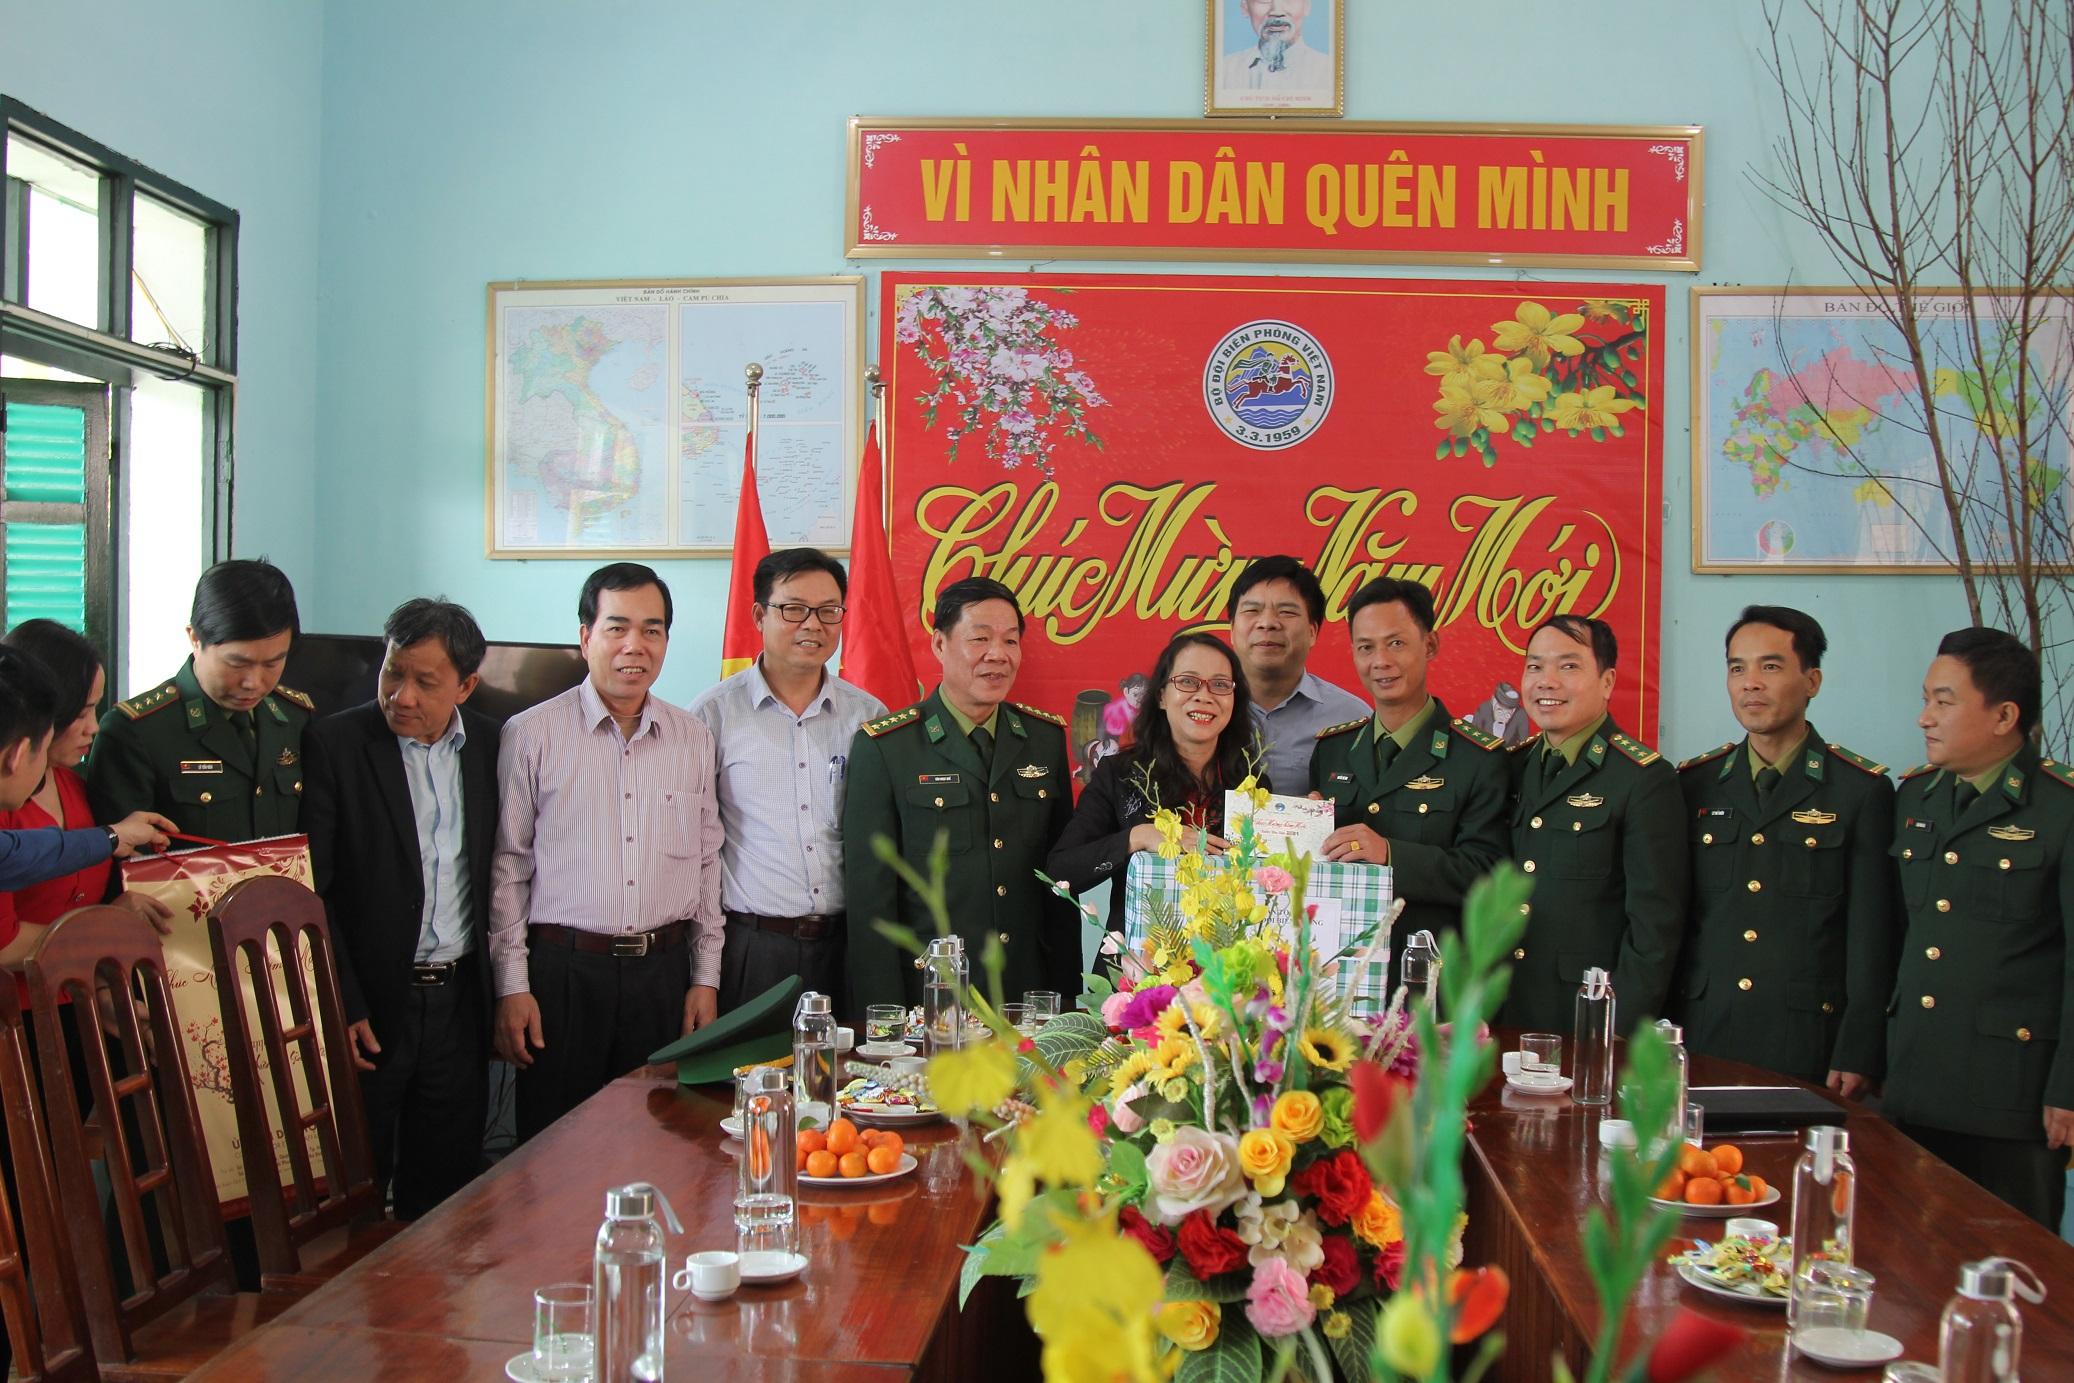 Thứ trưởng, Phó Chủ nhiệm Hoàng Thị Hạnh tặng quà Đồn Biên phòng Quang Chiểu